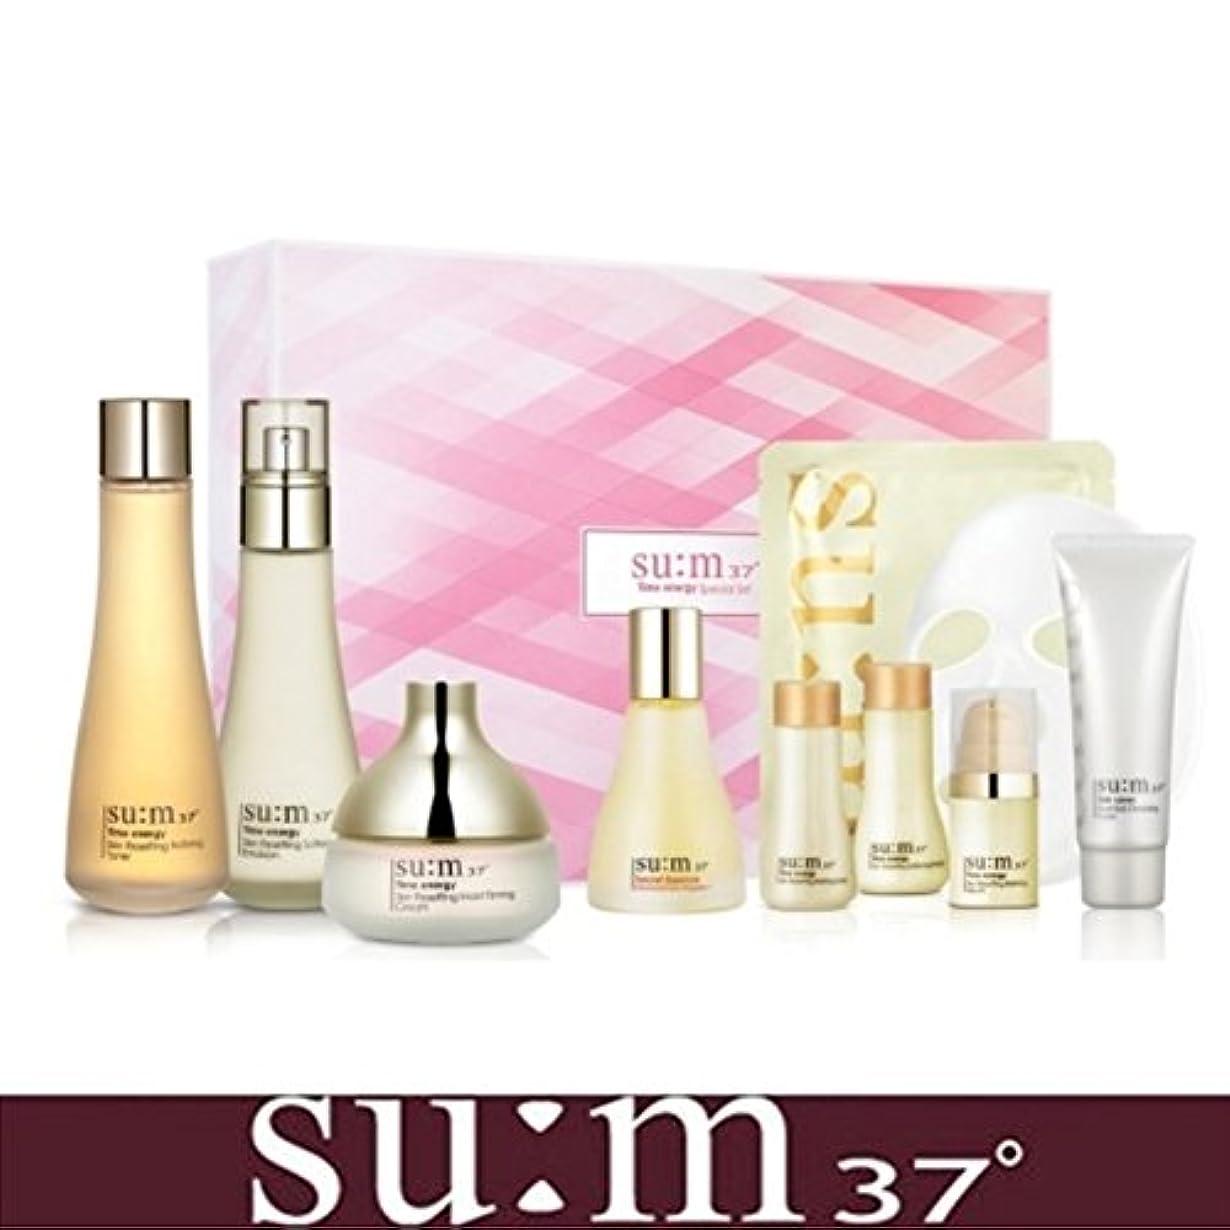 悪意湿度タール[su:m37/スム37°] SUM37 Time Energy 3pcs Special Skincare Set / タイムエネルギーの3種のスペシャルセット+[Sample Gift](海外直送品)